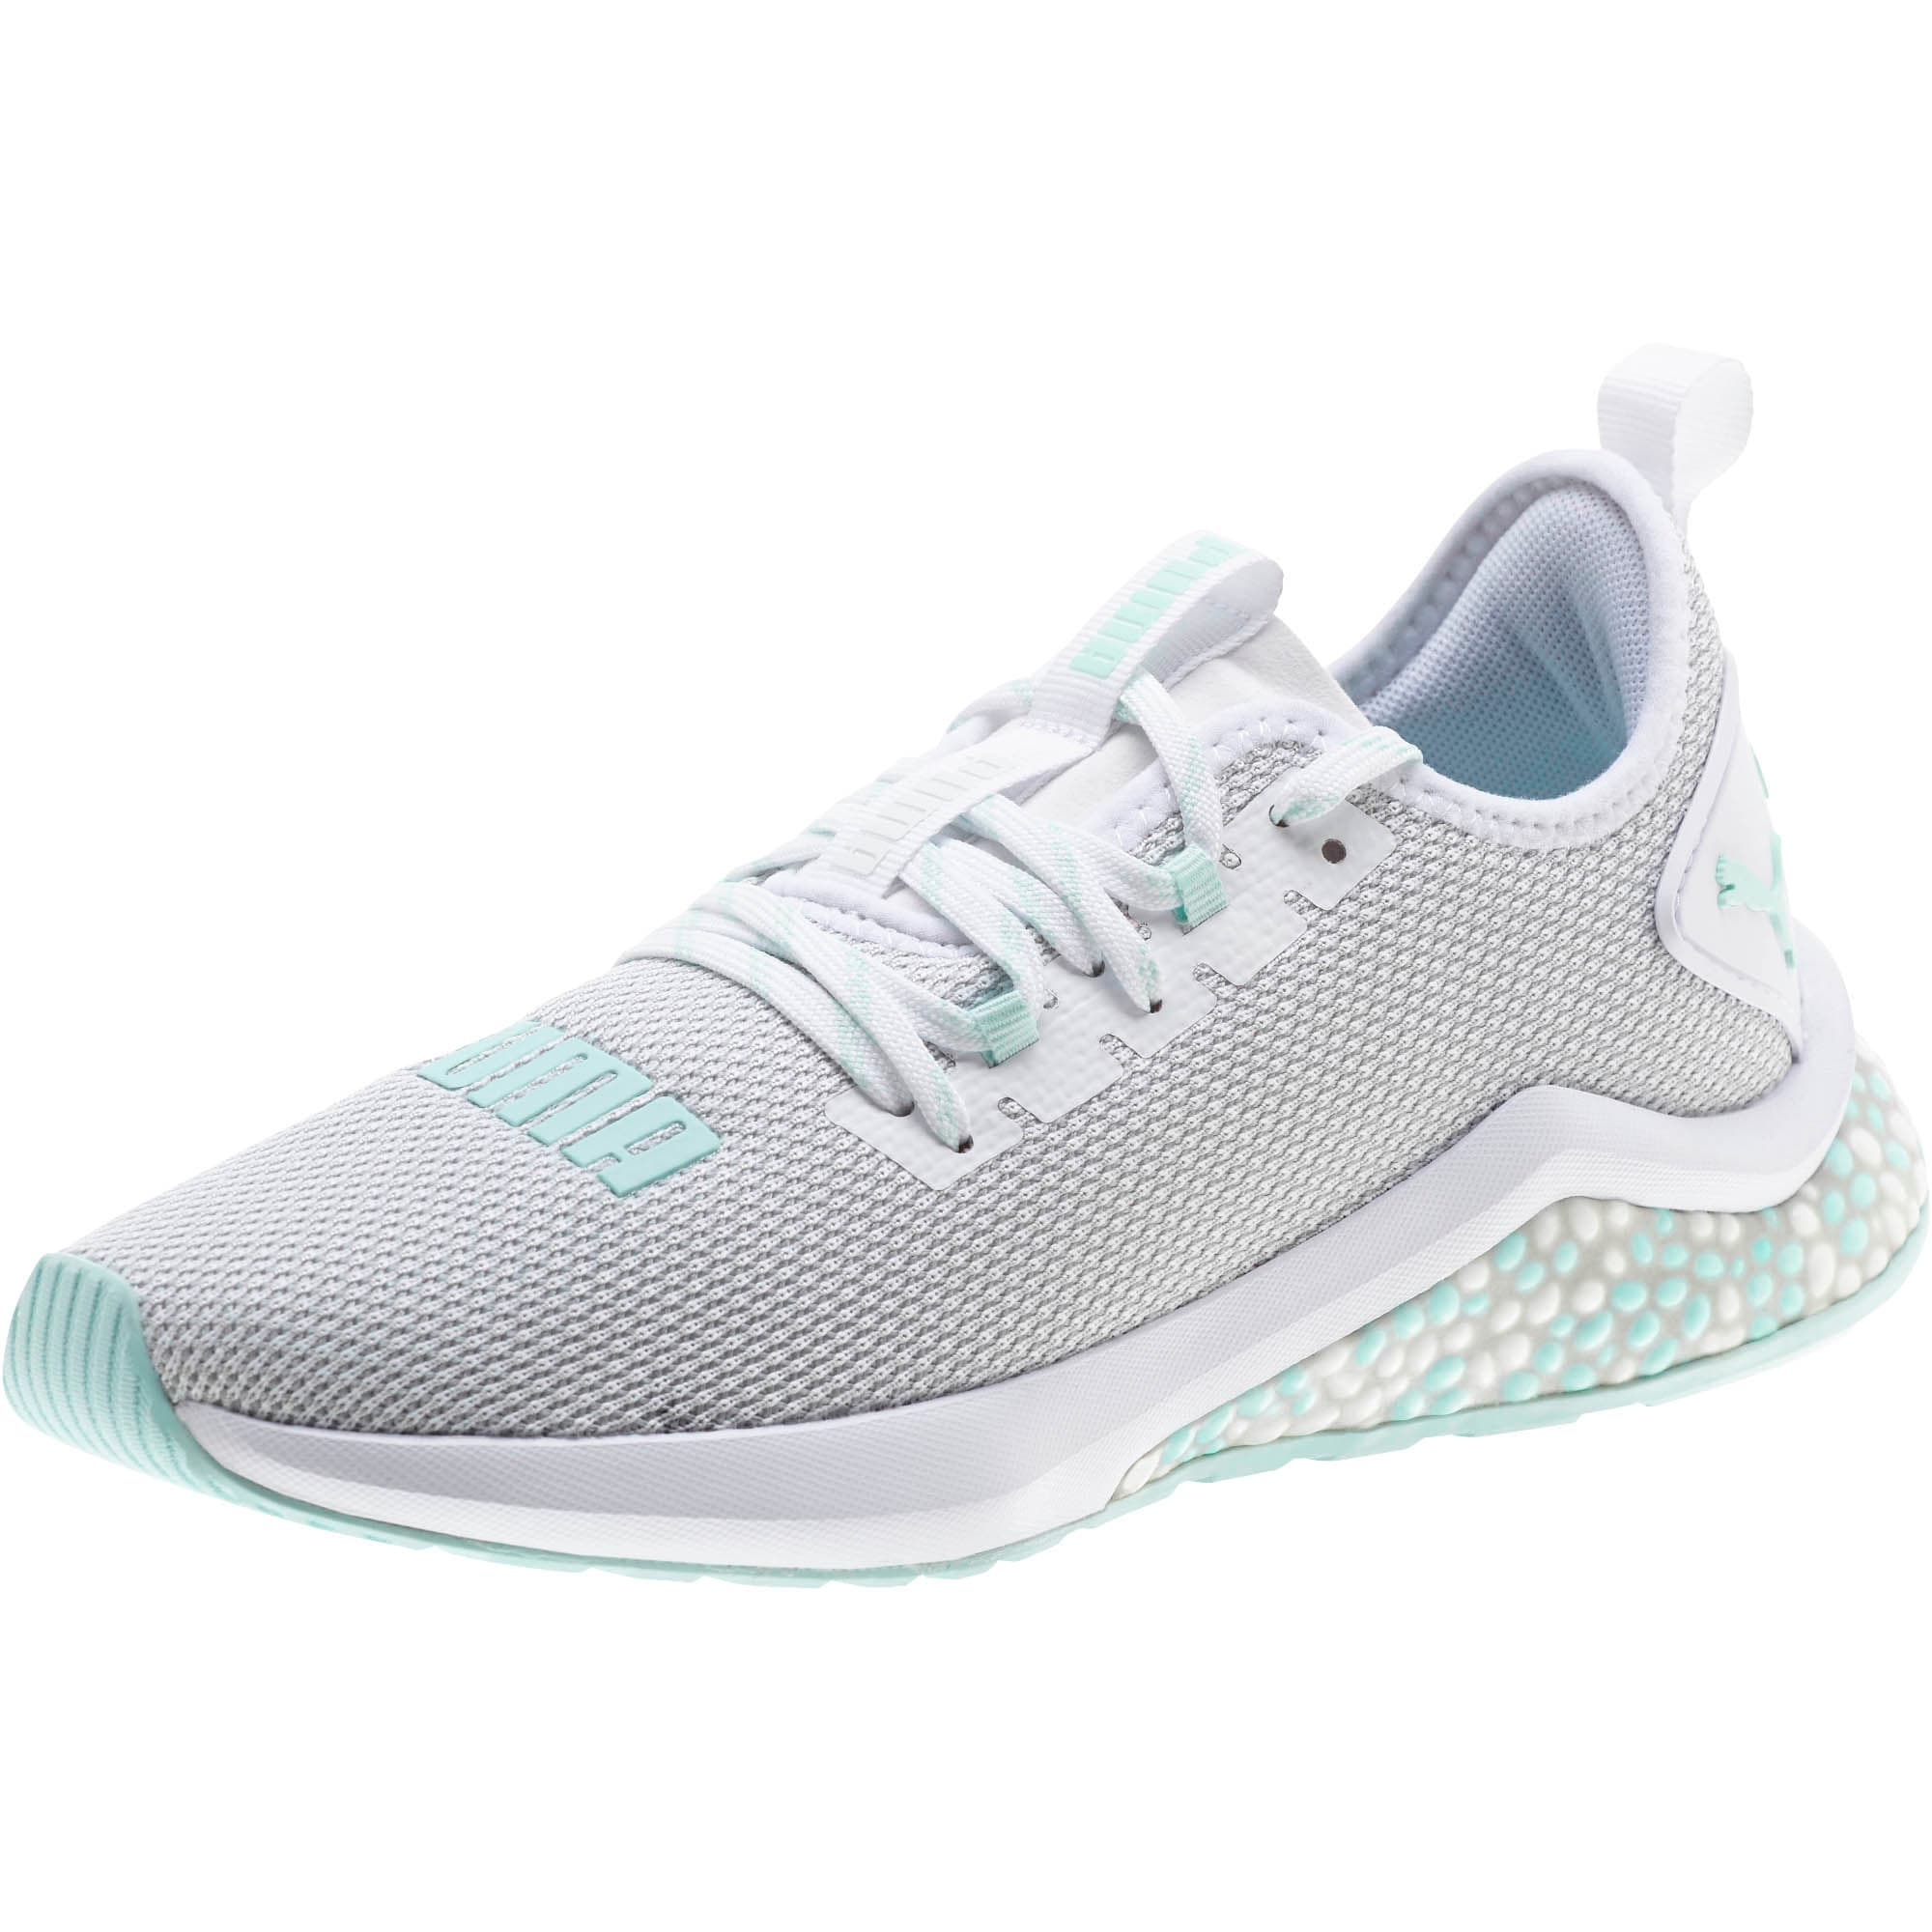 Thumbnail 1 of HYBRID NX Women's Running Shoes, Puma White-Fair Aqua, medium